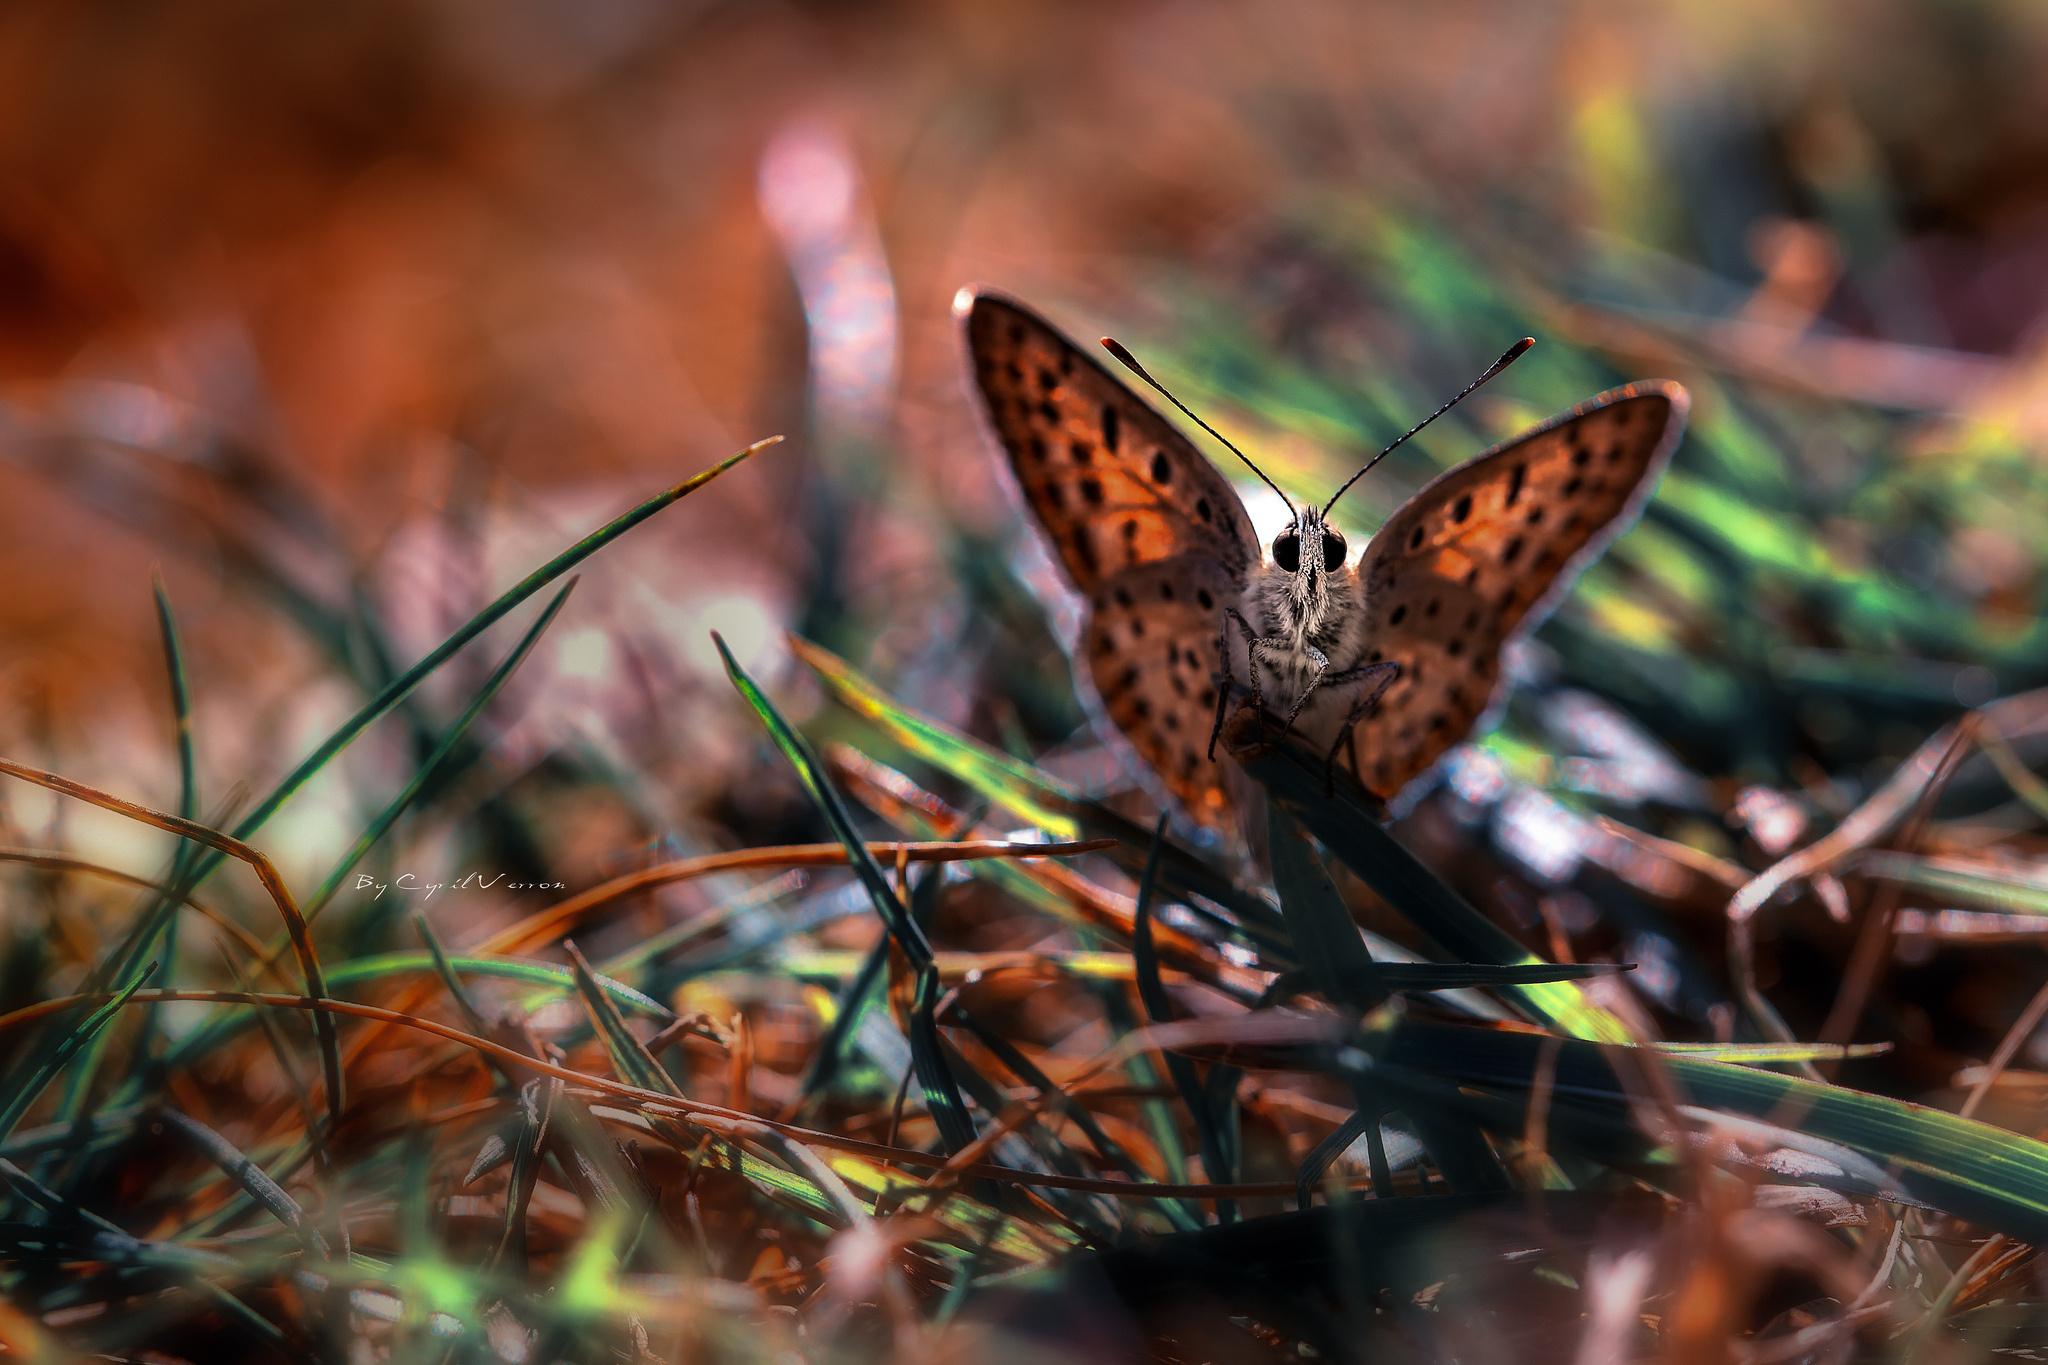 природа животные насекомое макро бабочки nature animals insect macro butterfly скачать